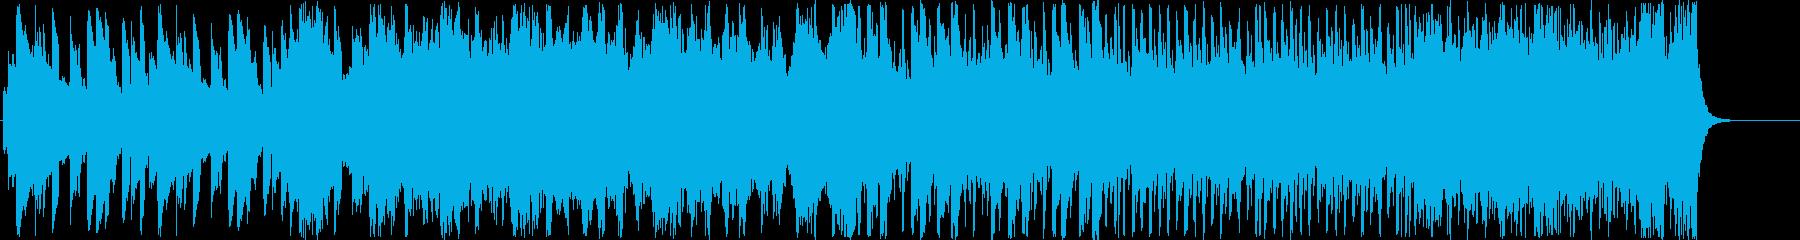 ポップ サスペンス 感情的 説明的...の再生済みの波形